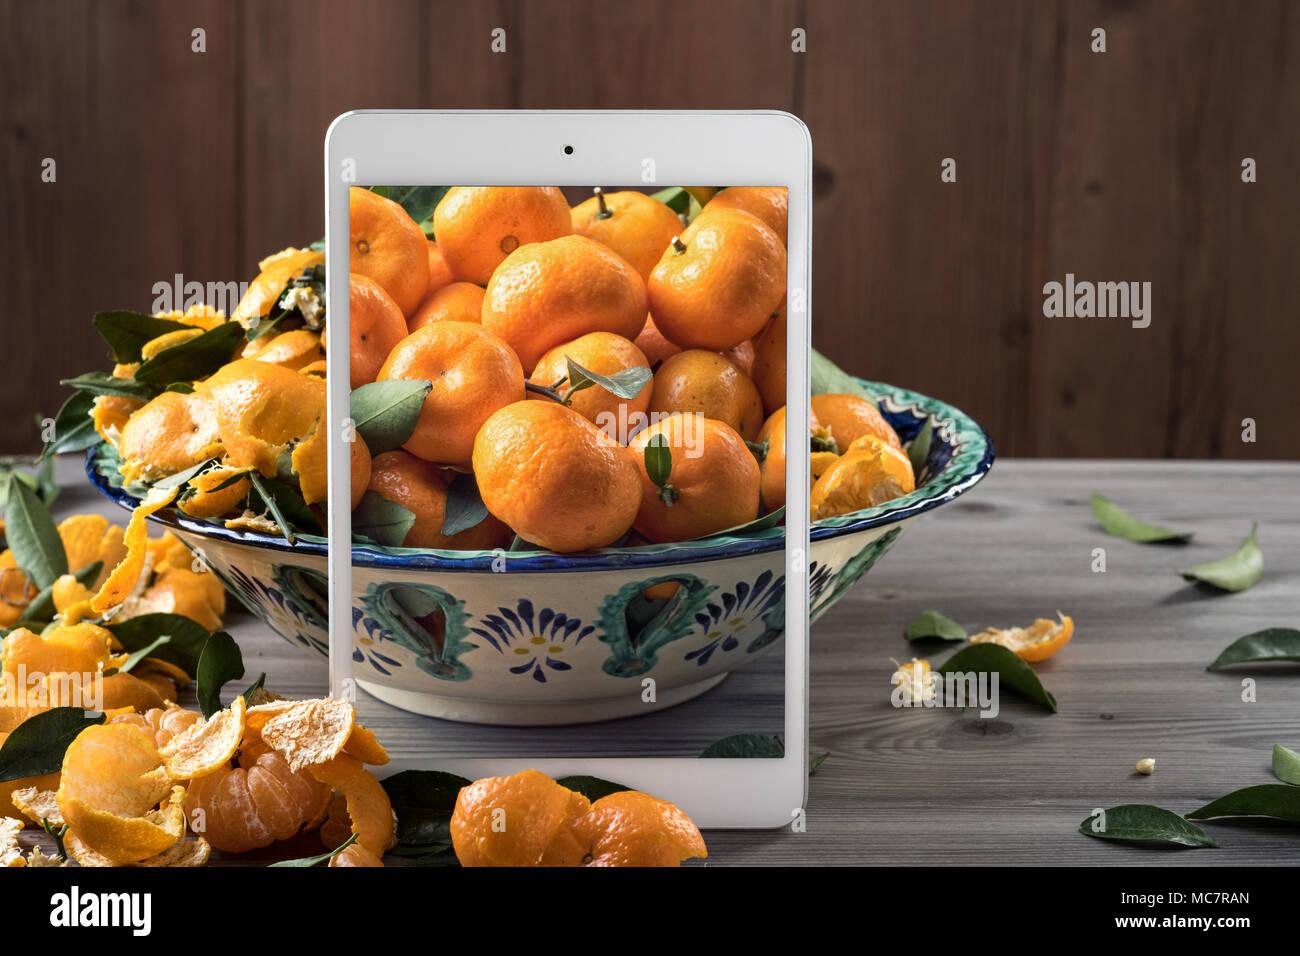 Tablettes mobiles blanc debout devant plat de céramique rempli de tangerines fraîches sur la table en bois gris. Pop up effet visuel. La composition des aliments créatif. Photo Stock